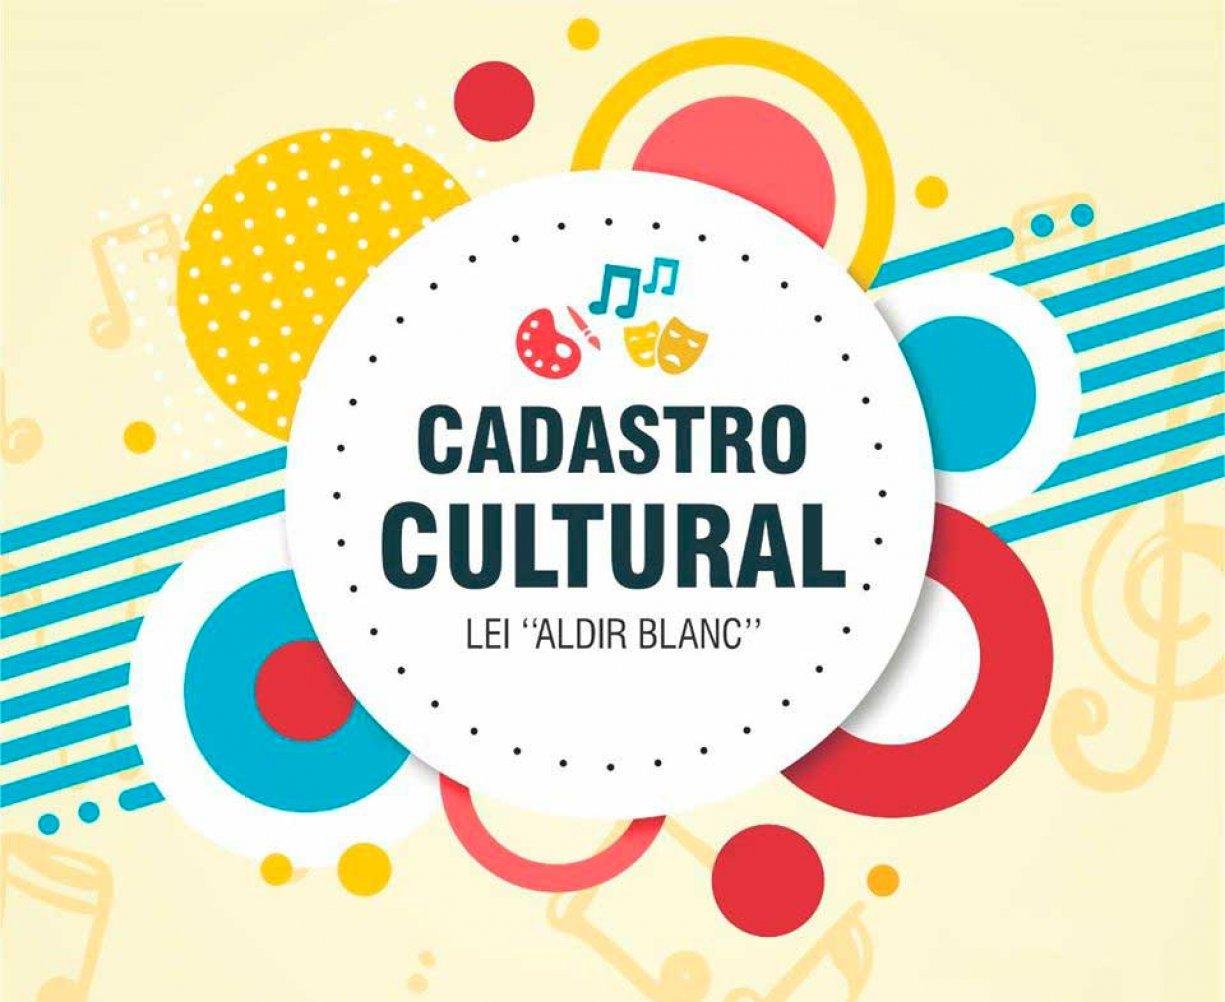 CADASTRO DE ARTISTAS E PROFISSIONAIS DE CULTURA DO MUNICÍPIO DE SERRA AZUL/SP